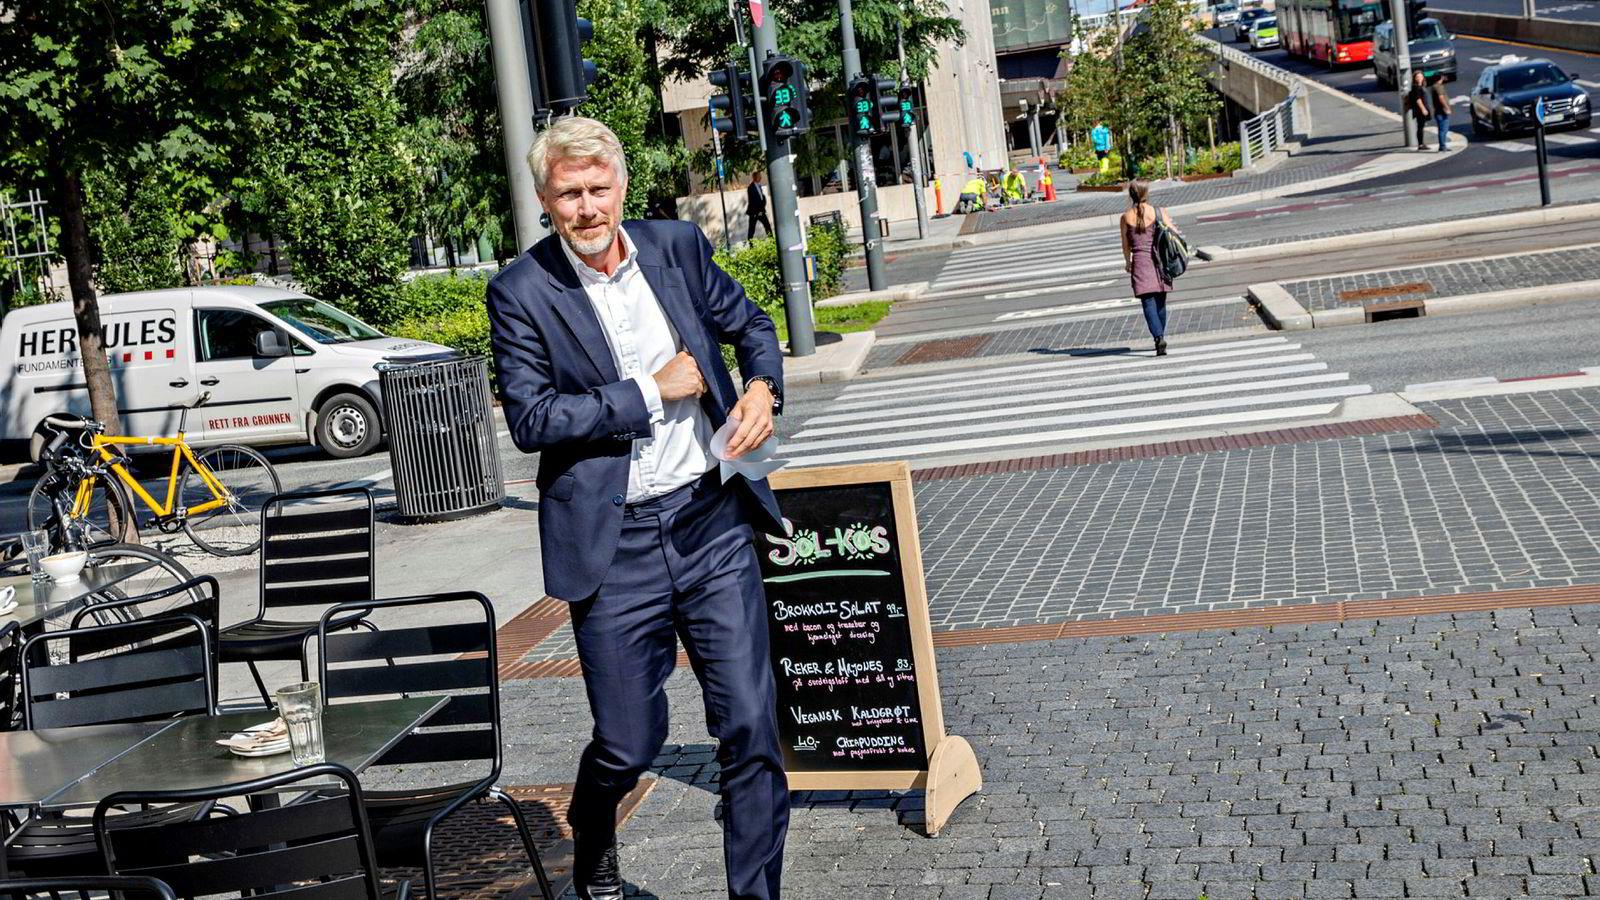 TV 2-sjef Olav T. Sandnes kan juble for sterke tall i reklamemarkedet i 2019.